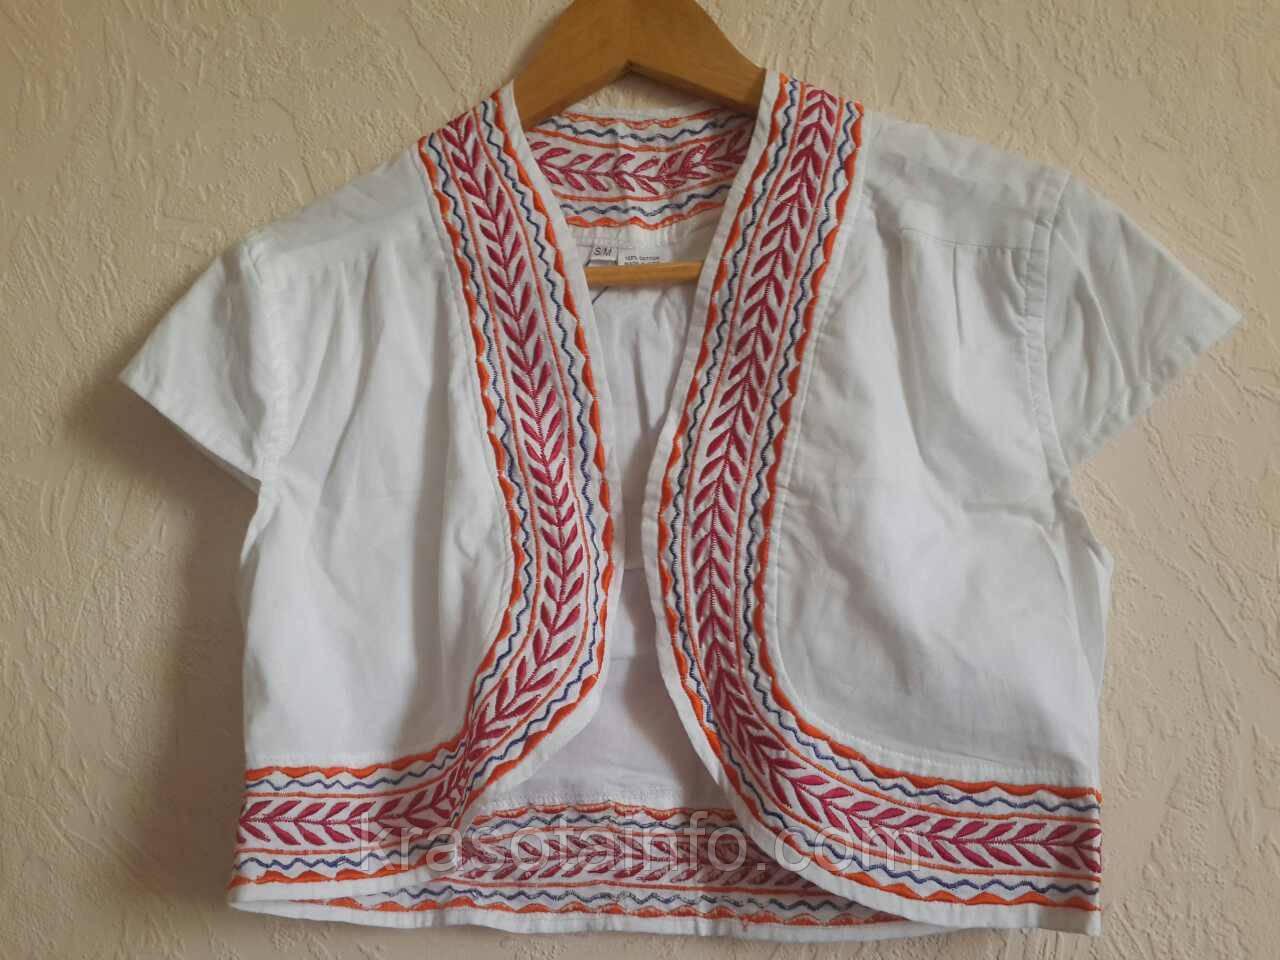 Болеро, вышивка, этнические мотивы, белое, 100% хлопок, Индия., фото 1